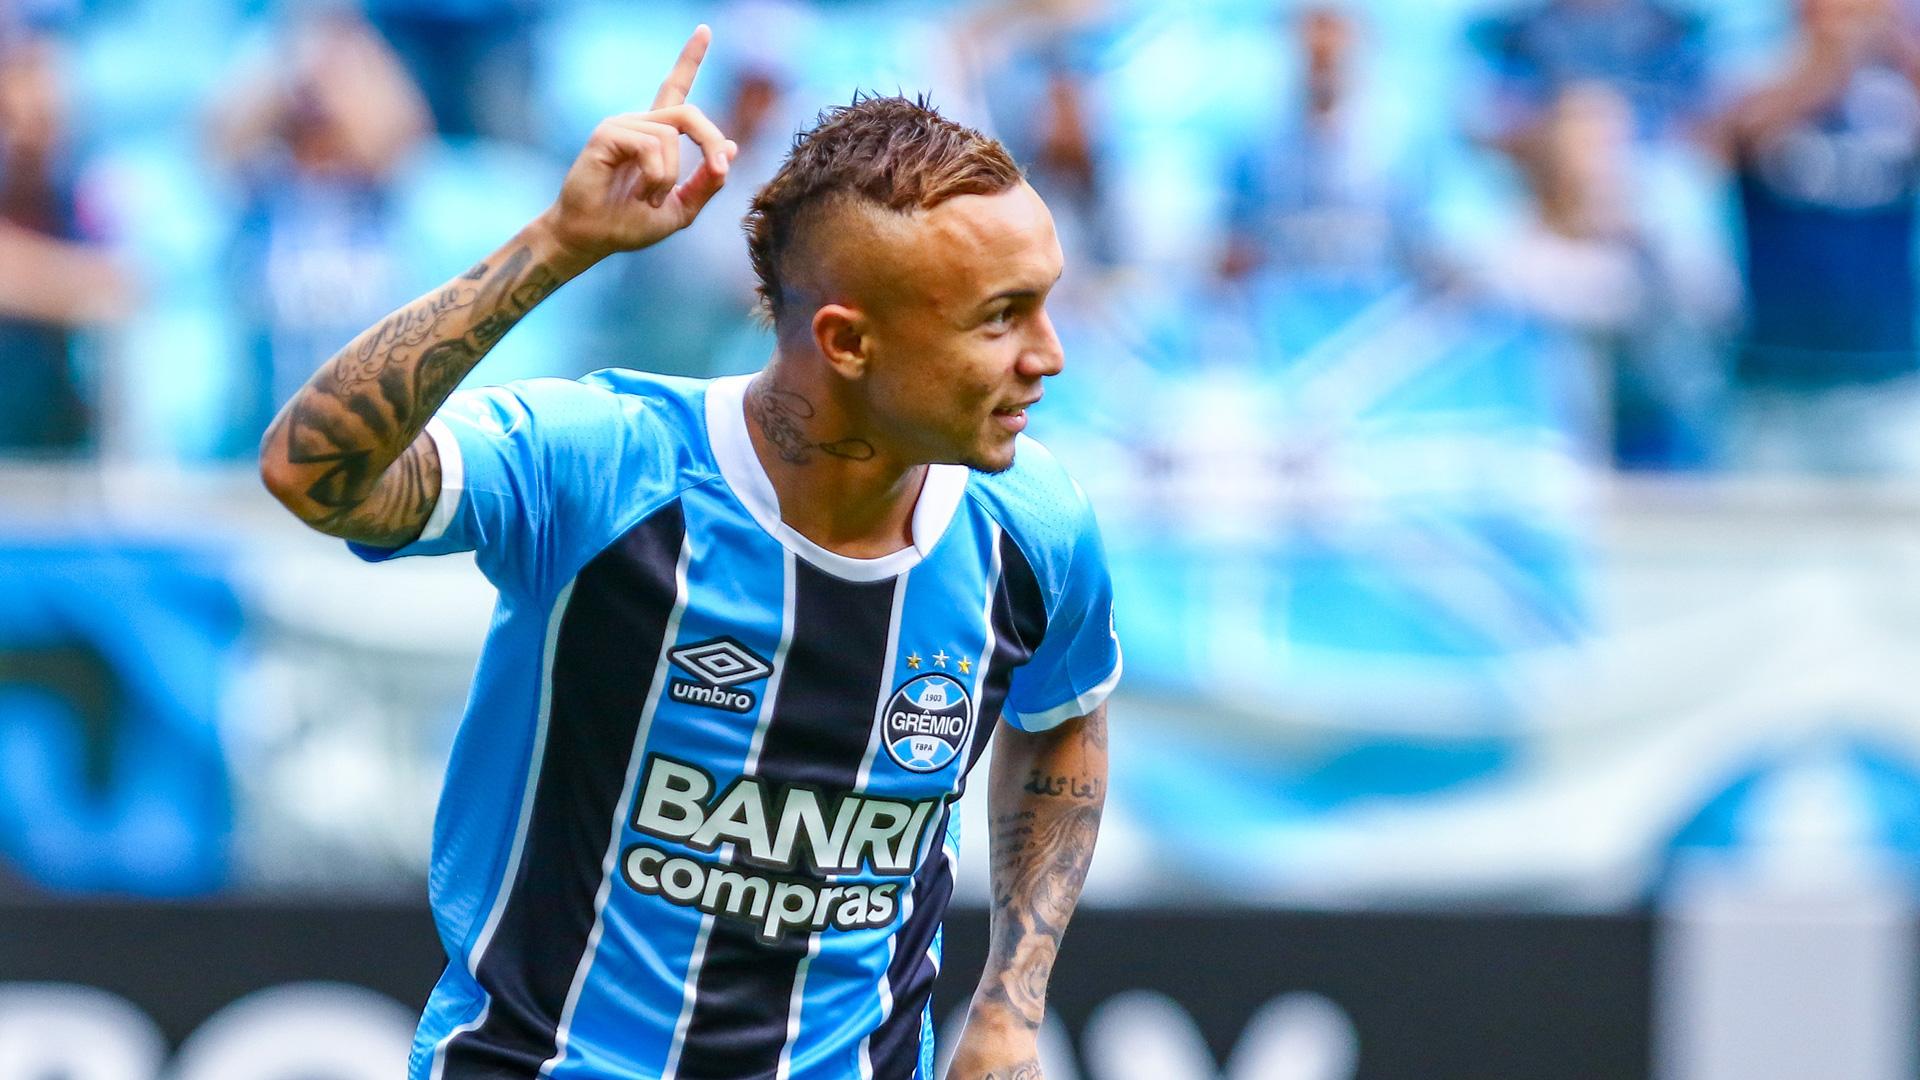 Everton Soares prossimo acquisto del Napoli